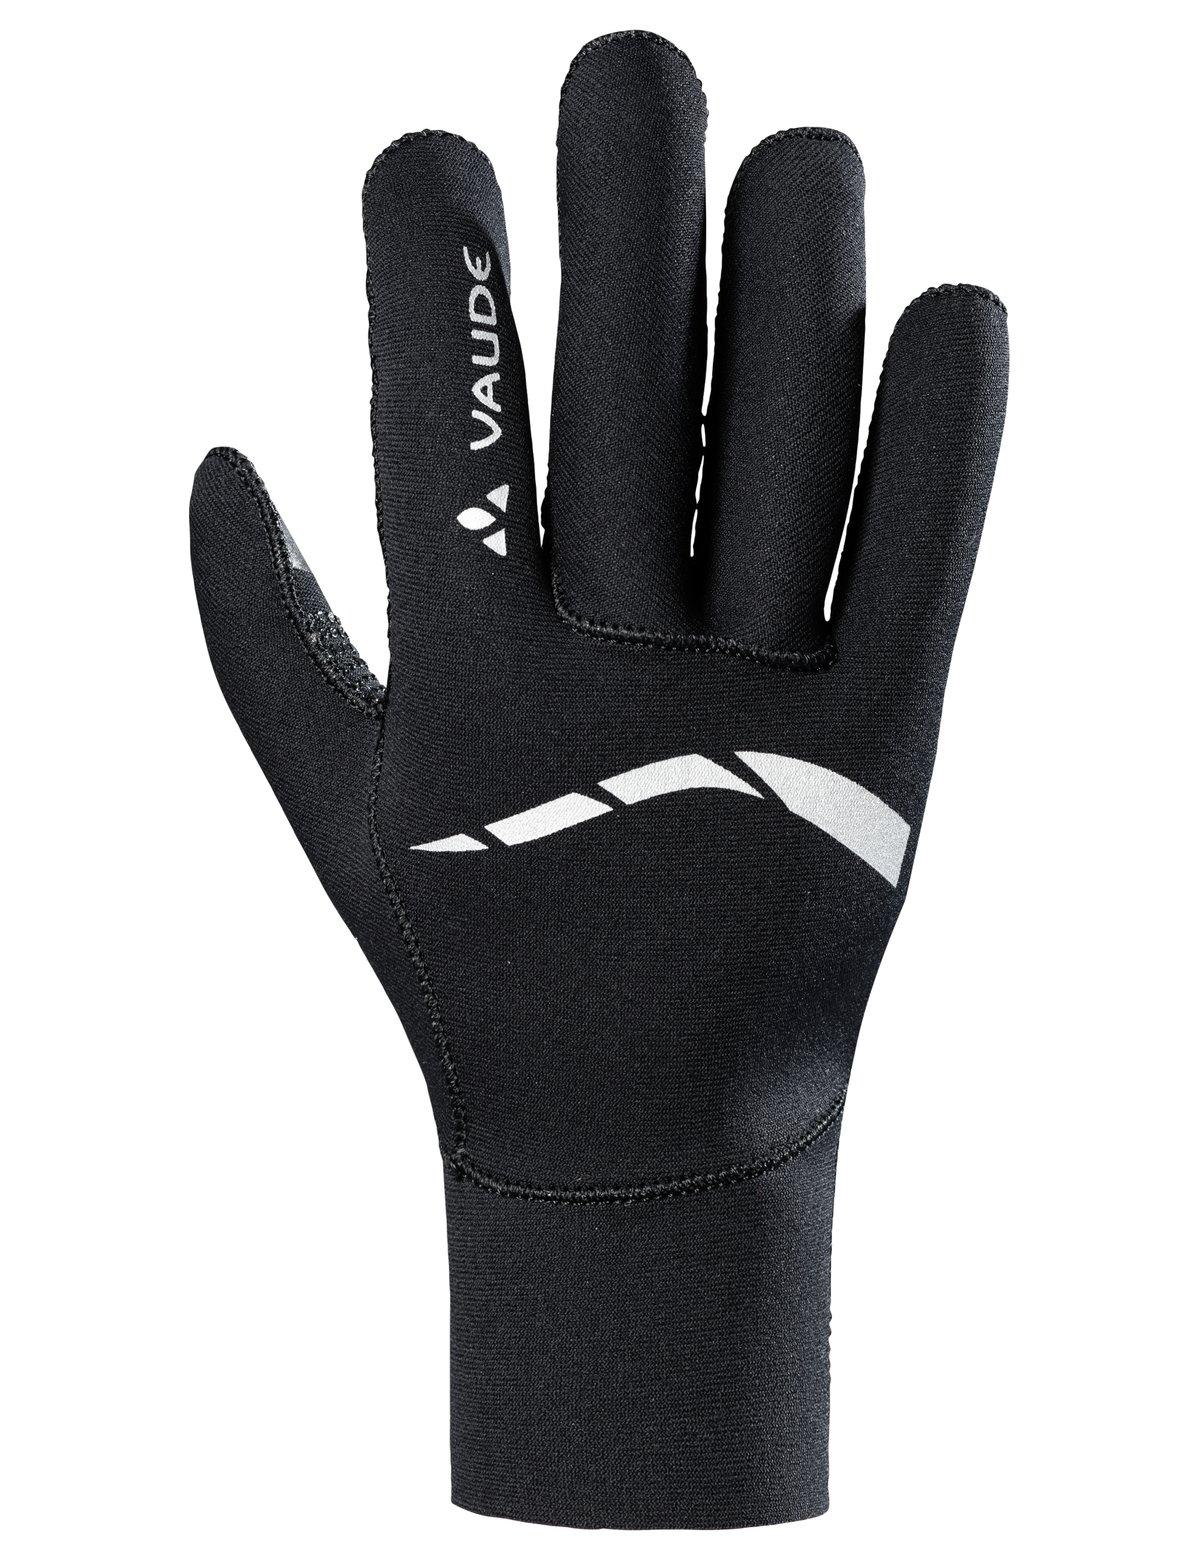 VAUDE Herren Handschuhe Chronos Gloves II, Black, 5, 407360100500